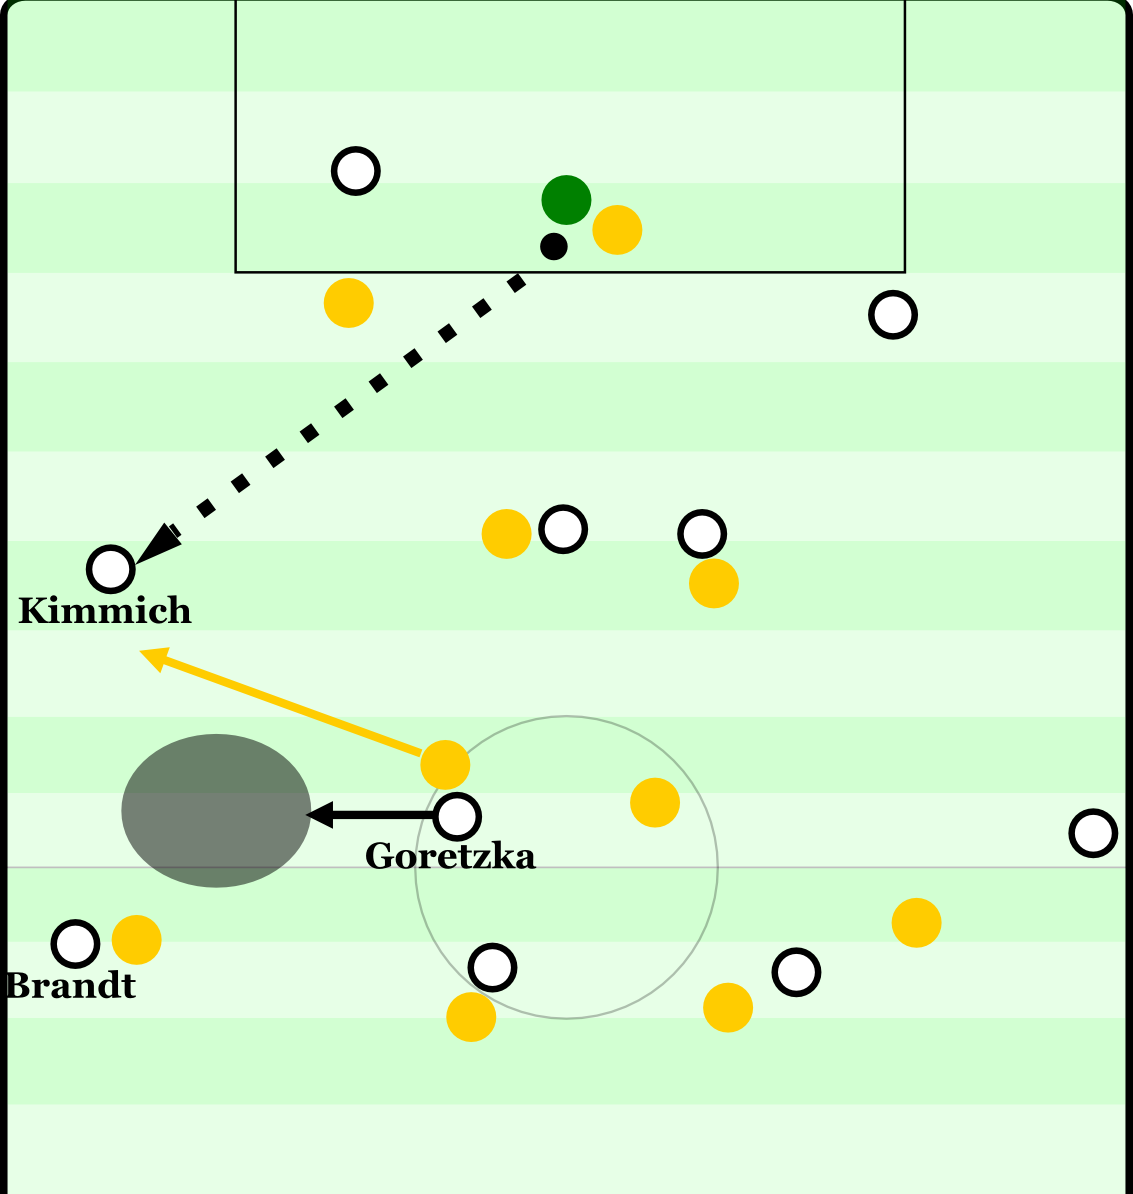 Deutschland vor dem 1:0. Der Ball kommt von links zu Leno. Er sieht den freien Kimmich, der wiederum den Gegenspieler von Goretzka auf sich zieht. Goretzka reagiert clever und bewegt sich in den freien Raum. Er bedient den startenden Brandt, der wiederum den Ball ins Zentrum zu Stindl spielt.